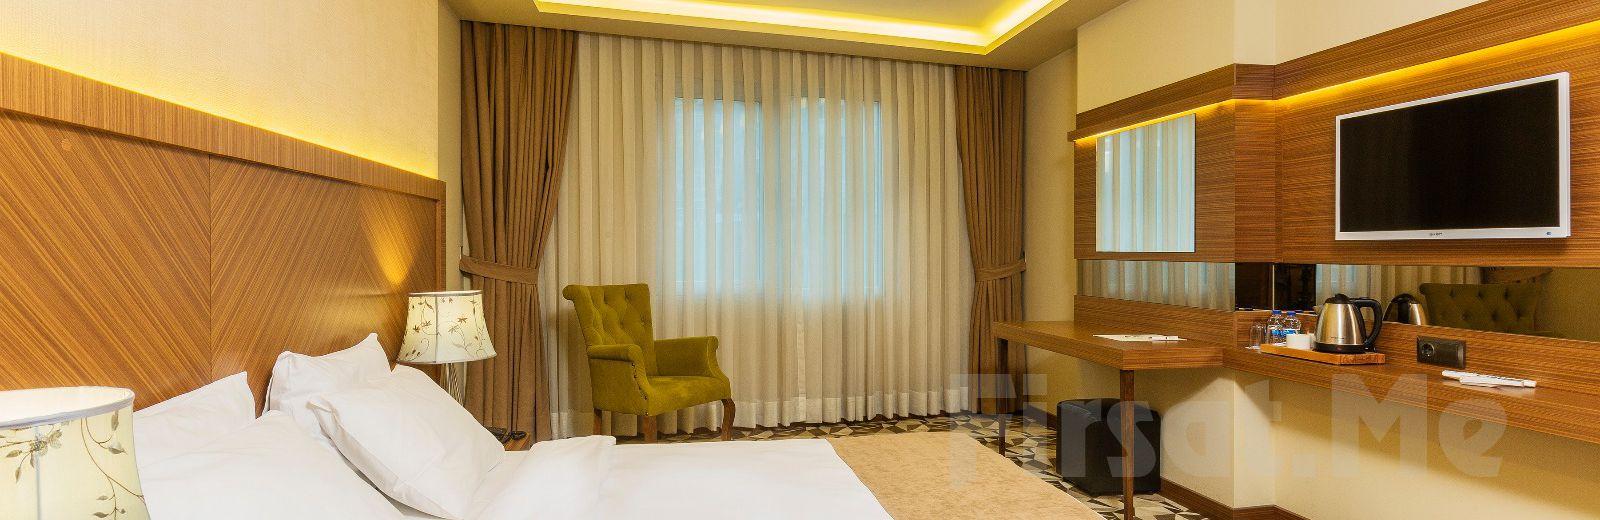 Taksim Time Hotel İstanbul'da 2 Kişilik Konaklama, SPA Merkezi Kullanımı ve Açık Büfe Kahvaltı Seçenekleri